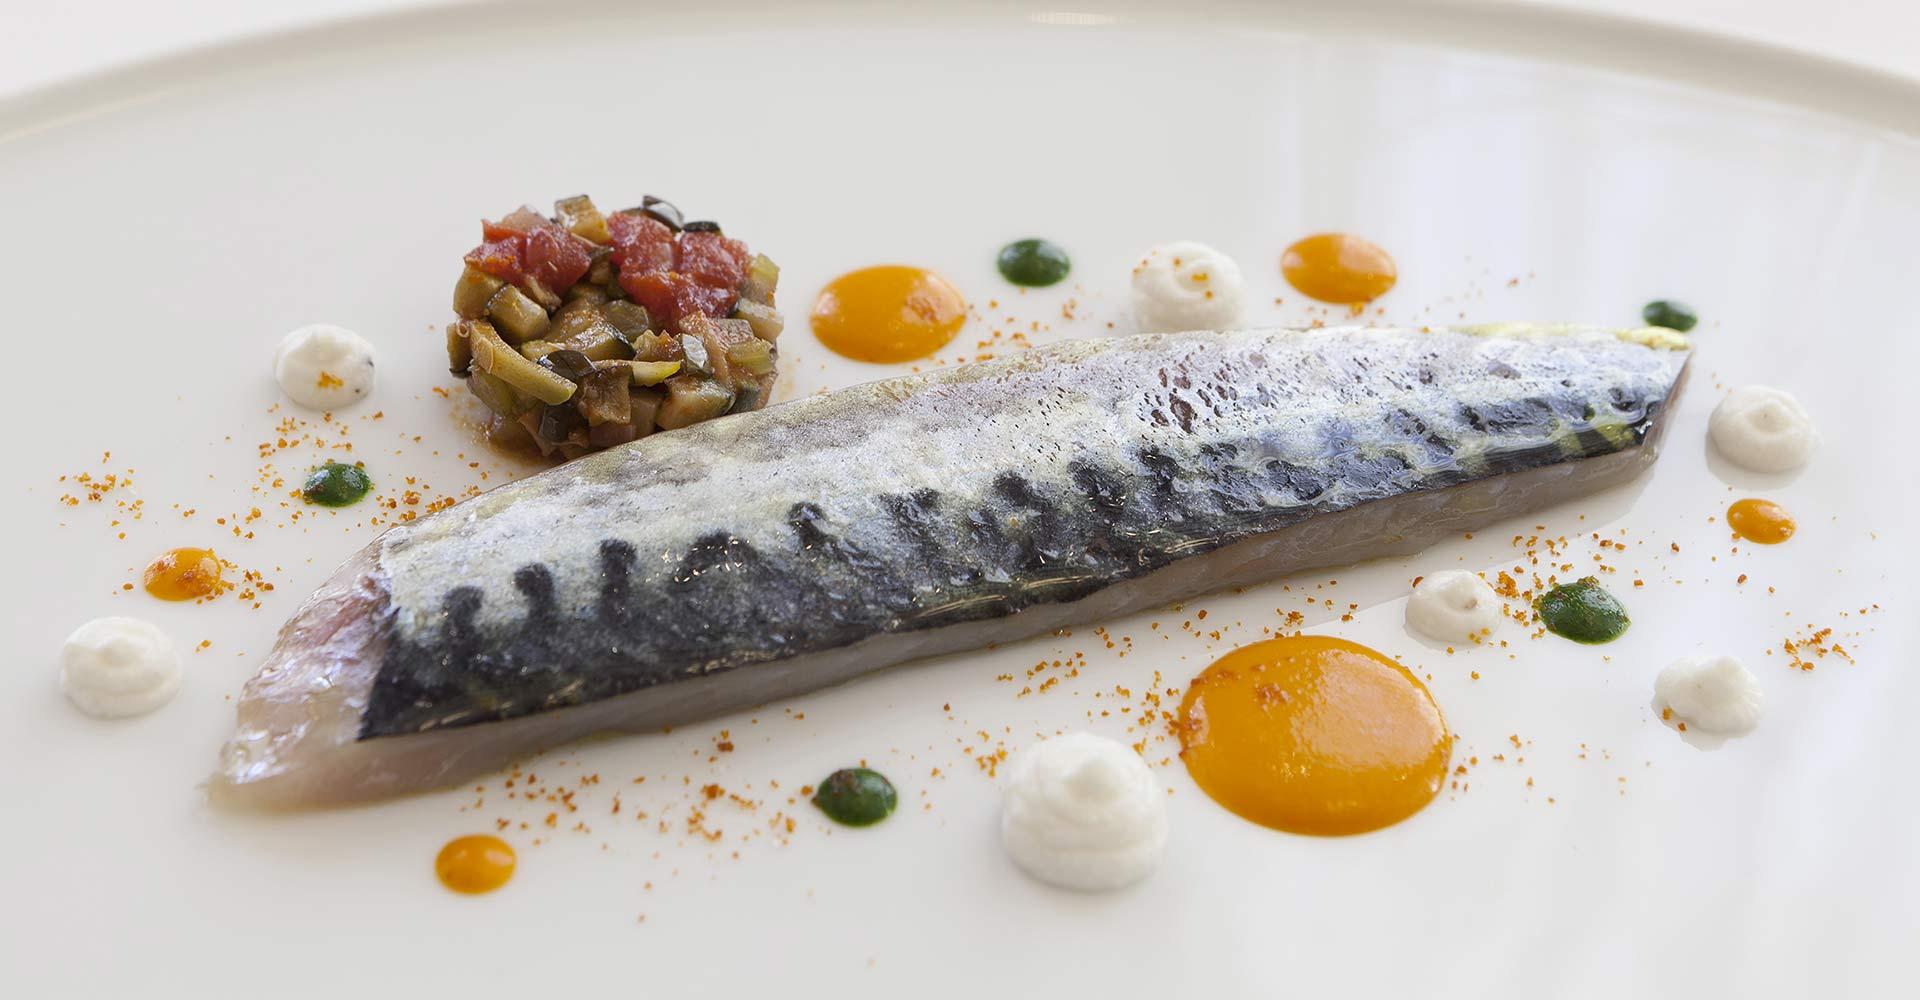 piatti_ristorante__chateaux_palazzo_seneca_ristorante_vespasia_norcia_2